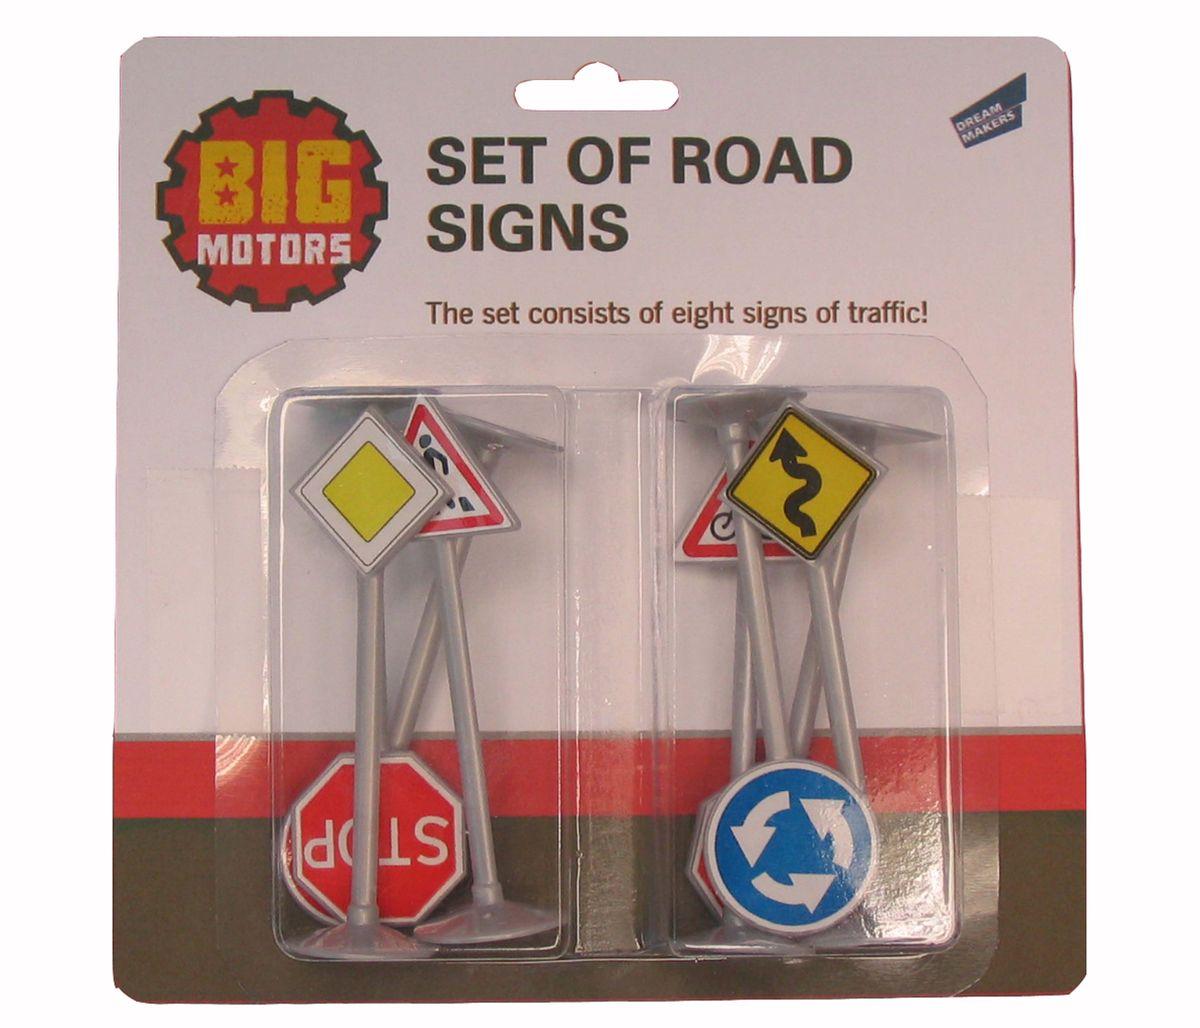 Big Motors Набор игровой Знаки дорожного движения1326В набор входит 8 знаков дорожного движения с наклеенными пиктограммами. 3 варианта набора с разными пиктограммами на знаках дорожного движения под одним артикулом.